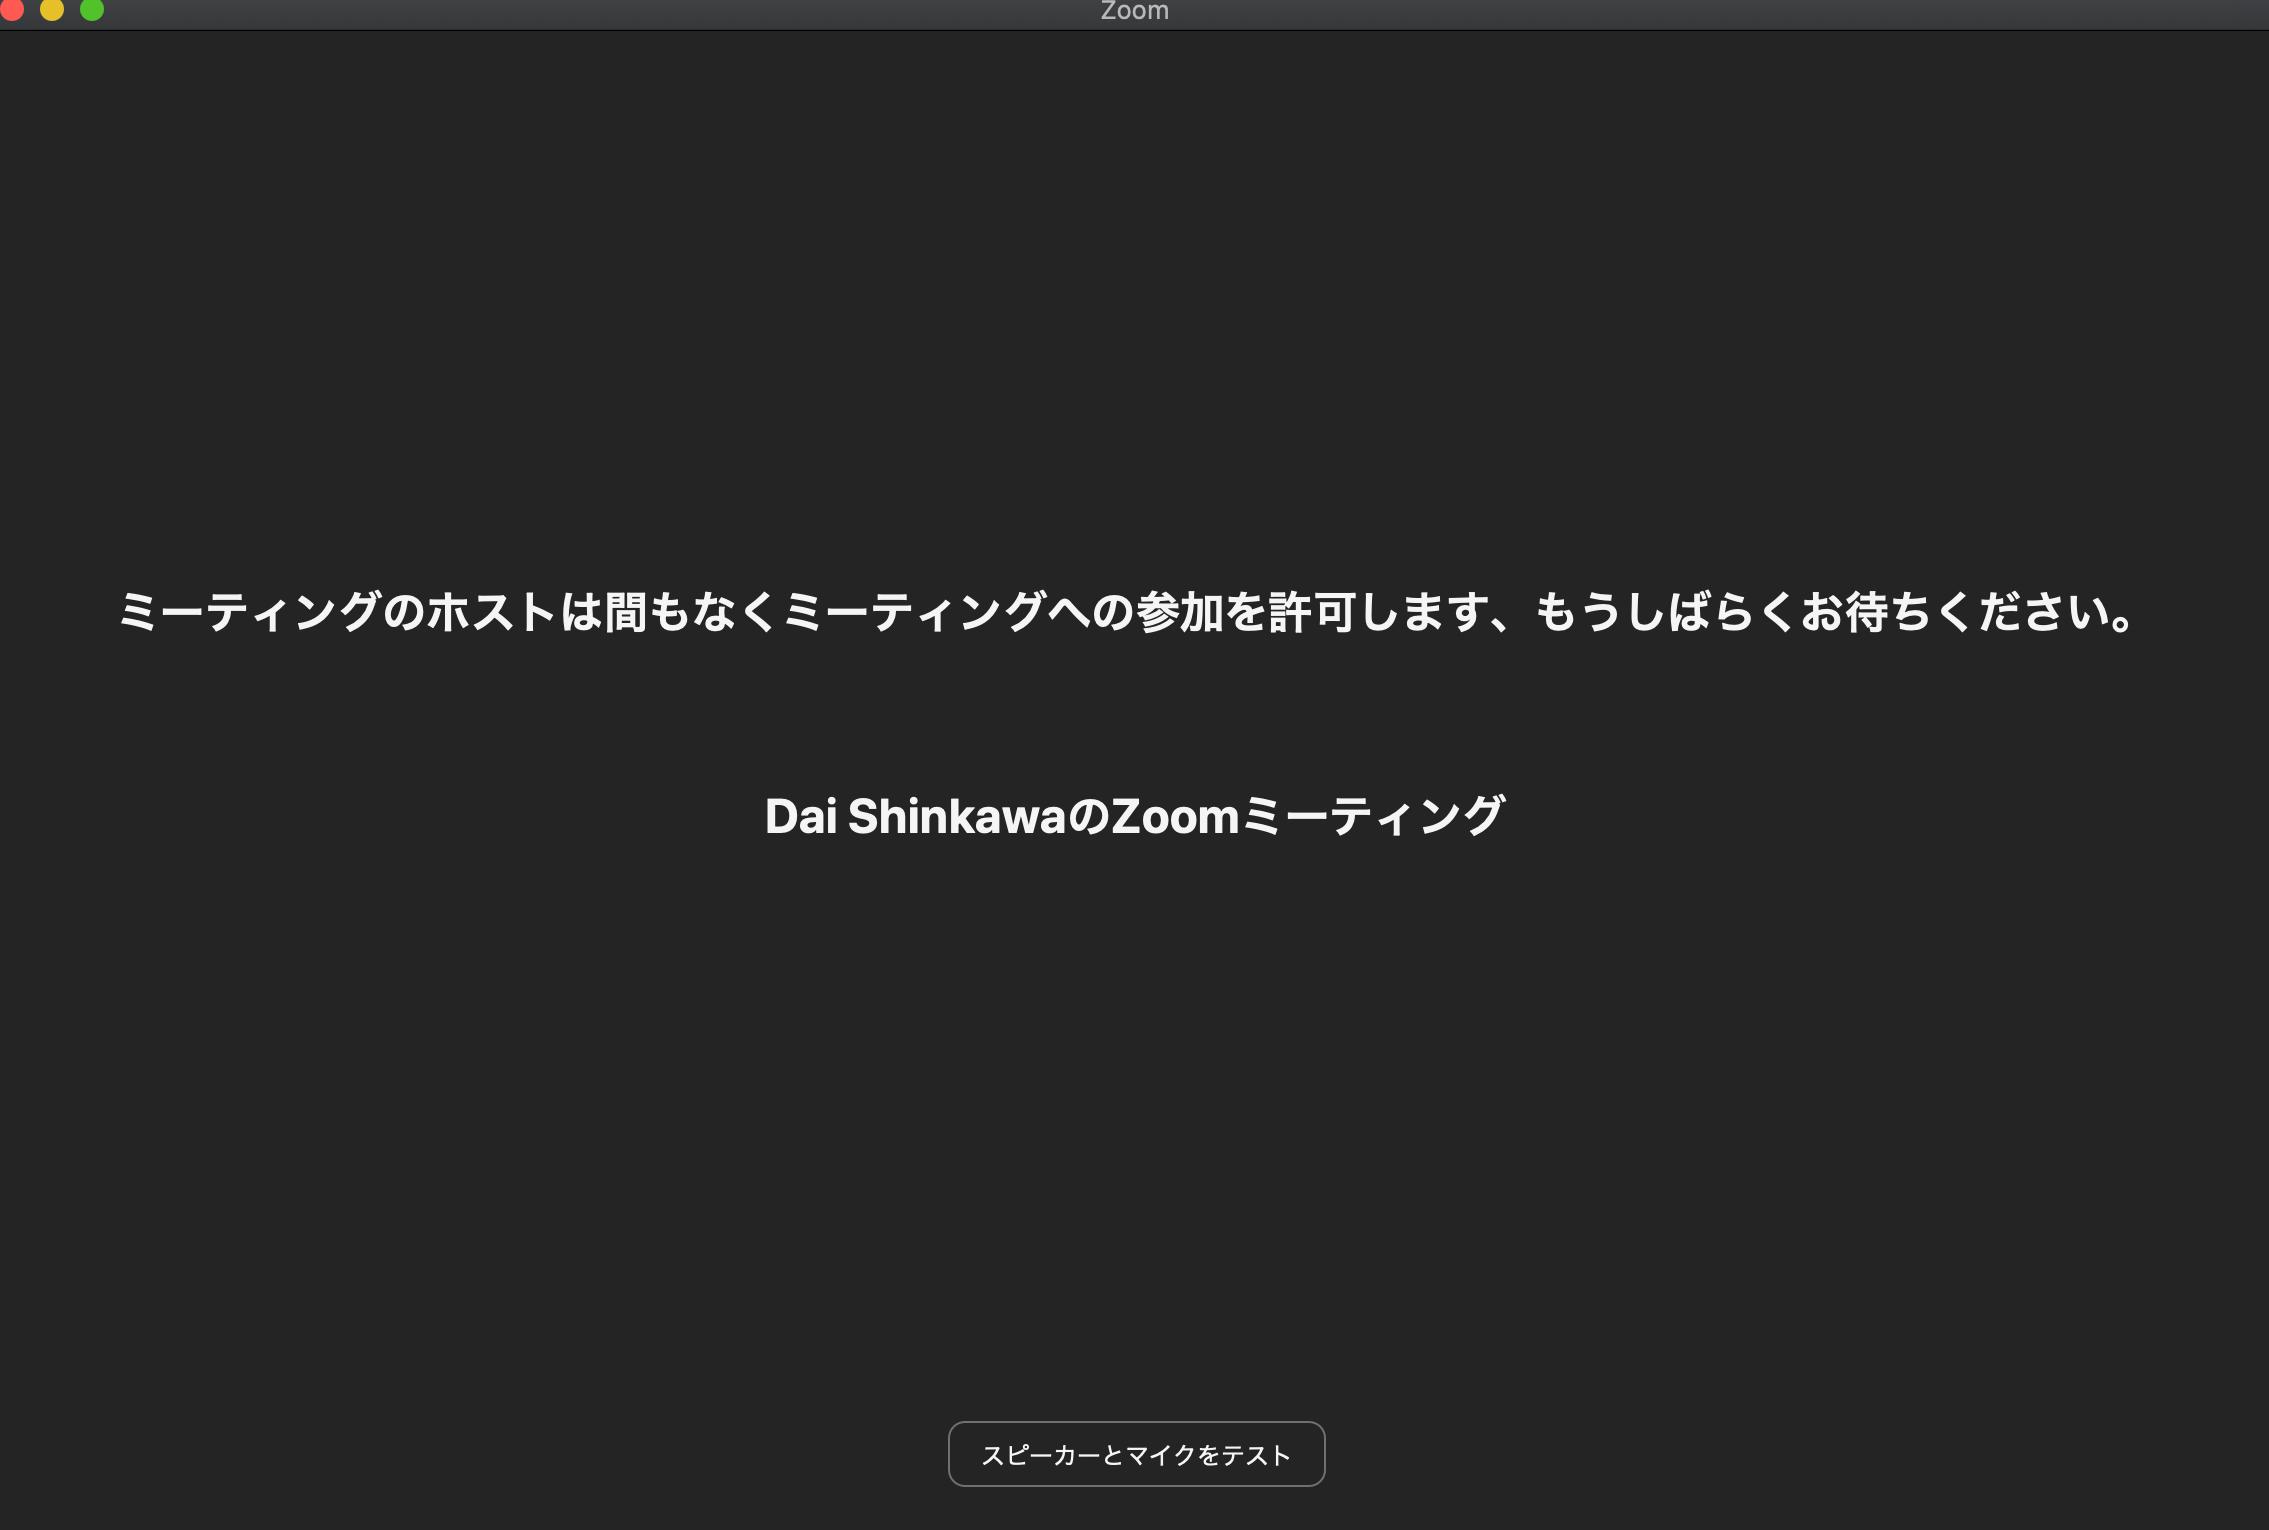 スクリーンショット 2020-04-04 21.56.32.png